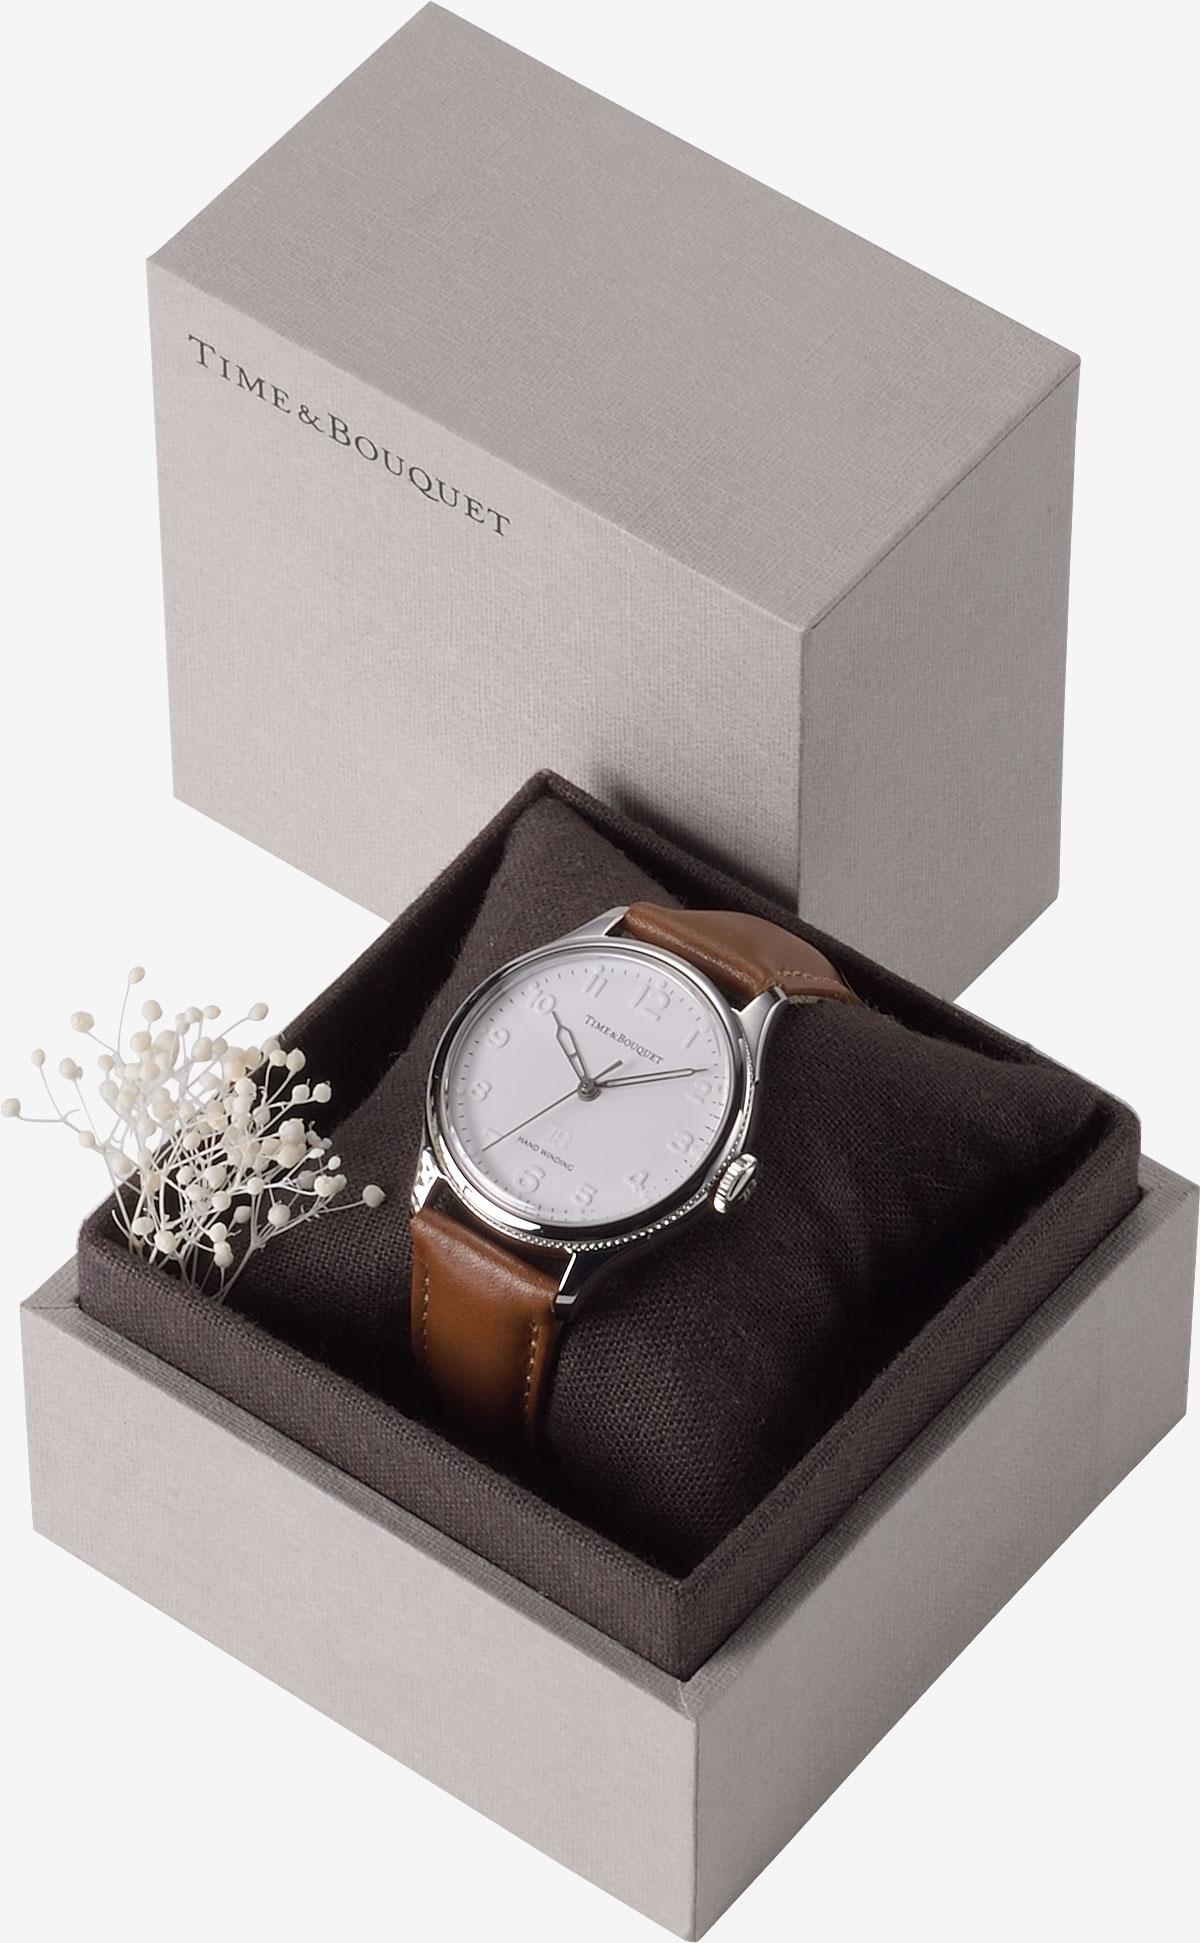 ハーフリネンの生地を内張りとクッションに使用した贅沢なギフトボックスに収納した腕時計ネル